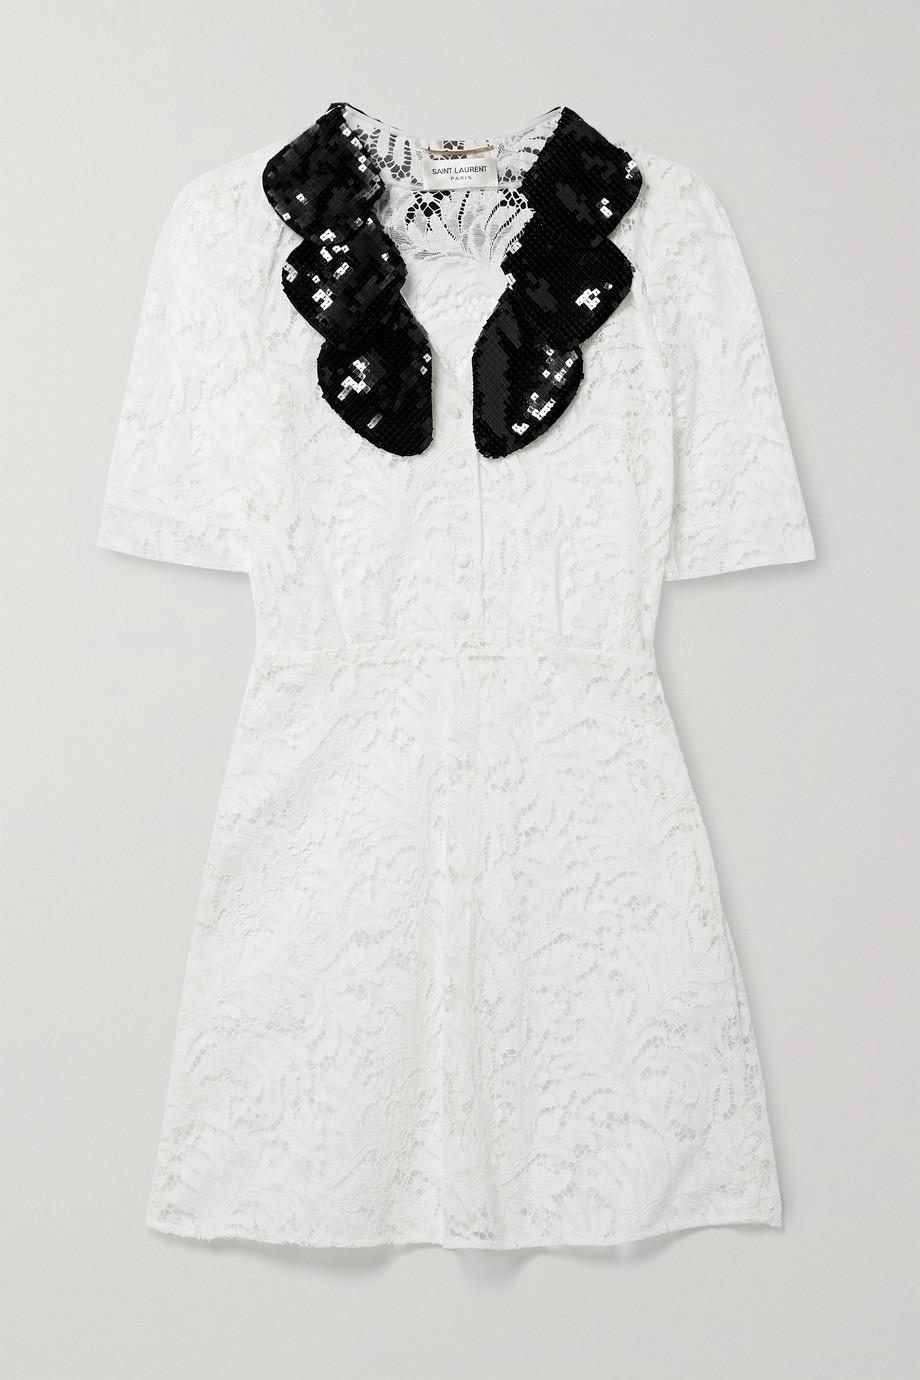 SAINT LAURENT Minikleid aus schnurgebundener Spitze aus einer Baumwollmischung mit Pailletten und Seidenbesätzen